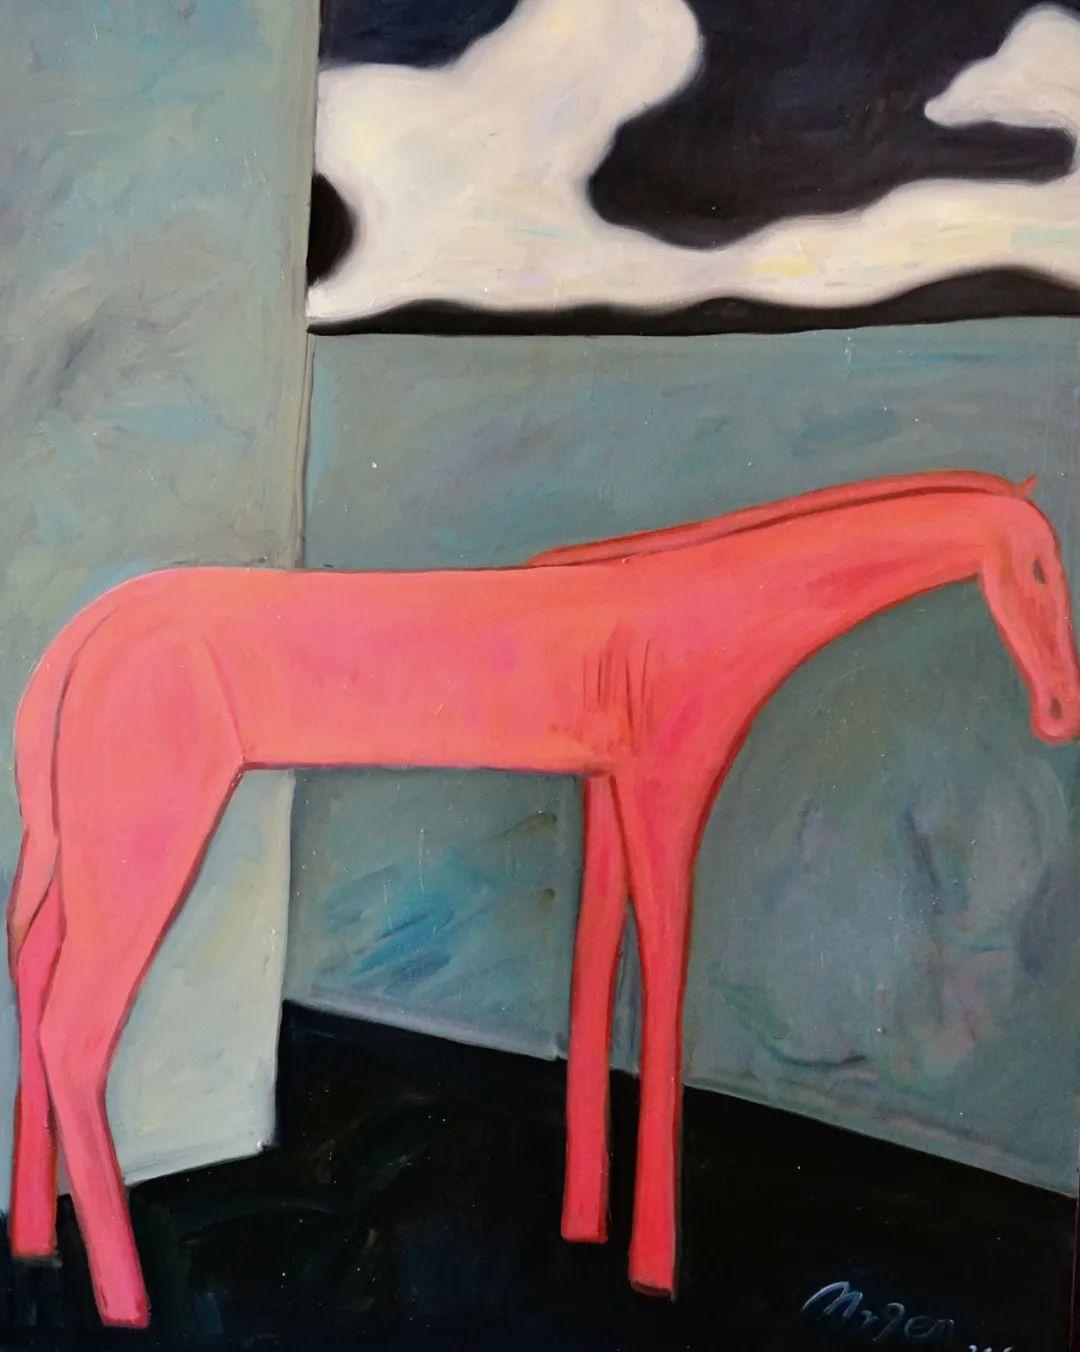 莫日根   用绘画寻找灵魂栖居之所 第5张 莫日根   用绘画寻找灵魂栖居之所 蒙古画廊